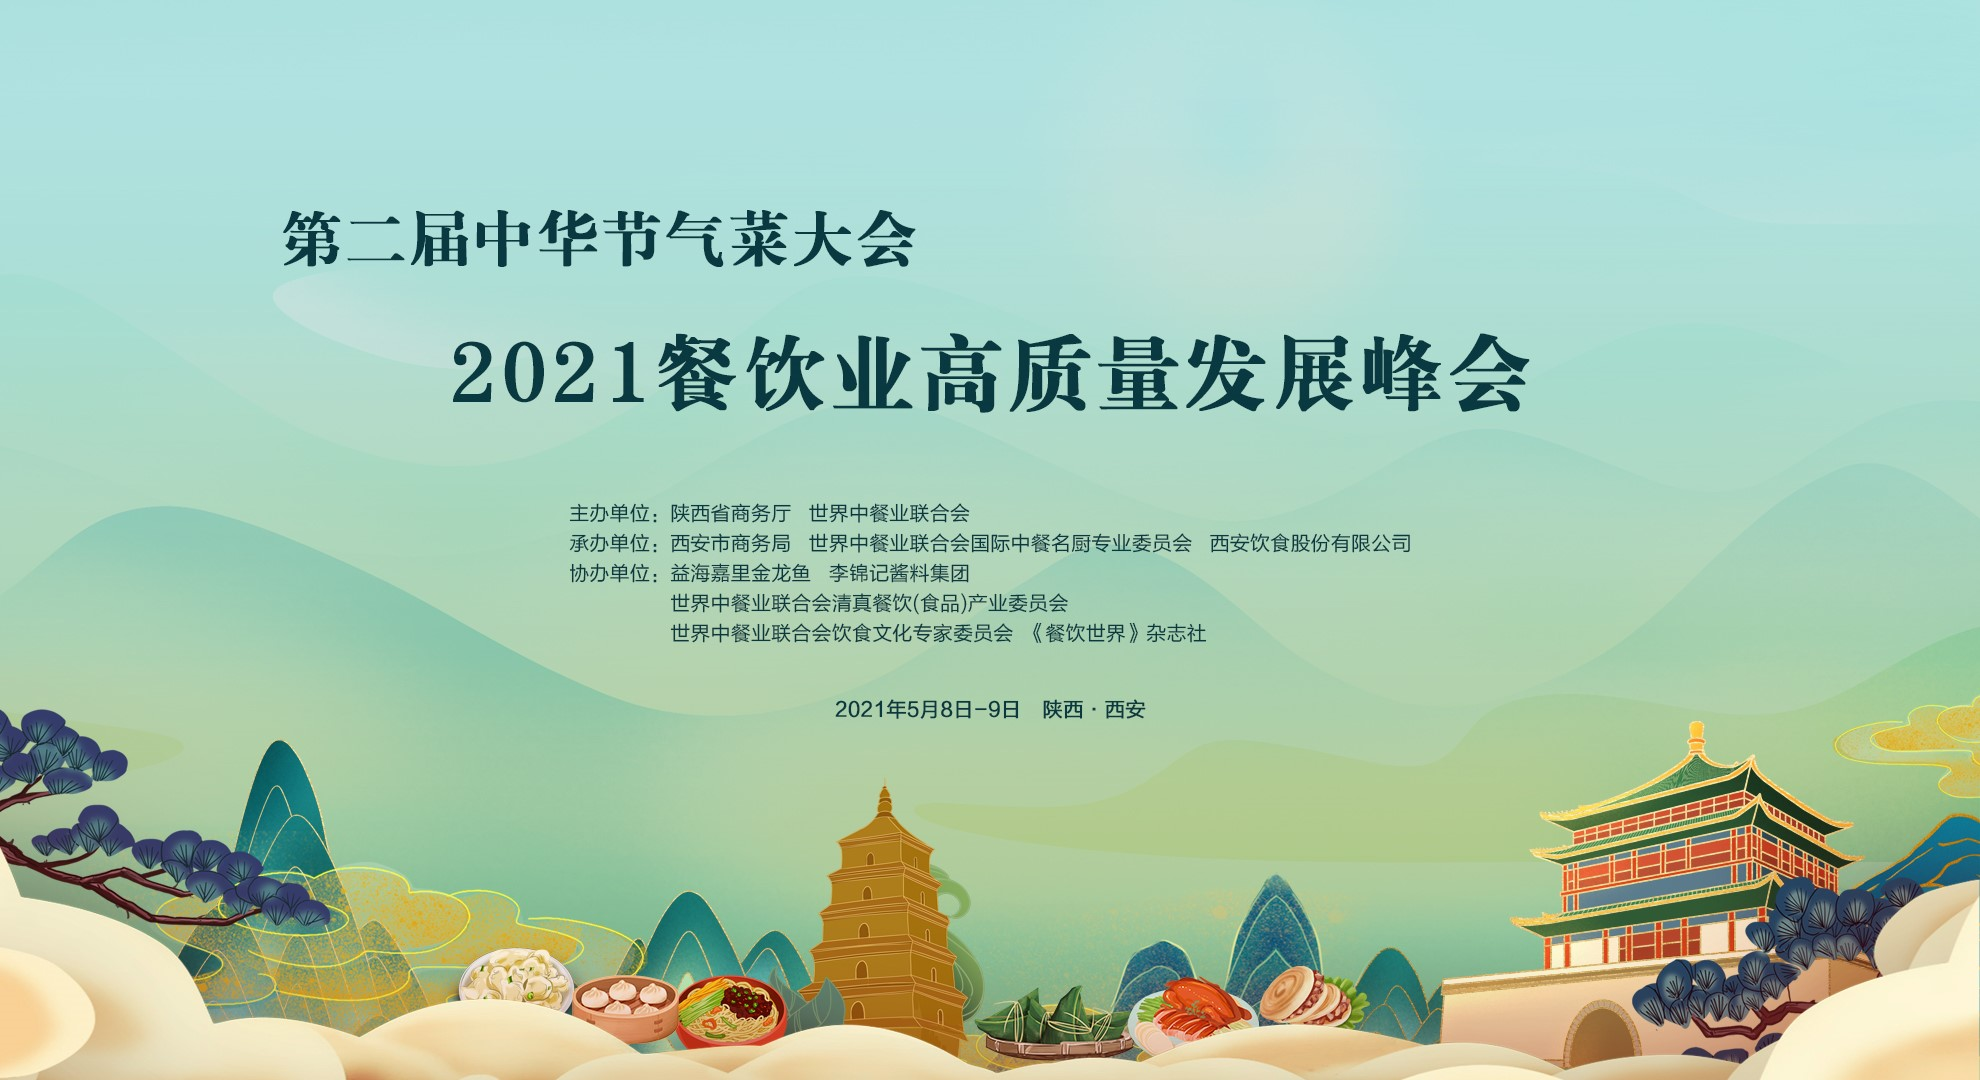 第五届地方菜系发展峰会现场直播